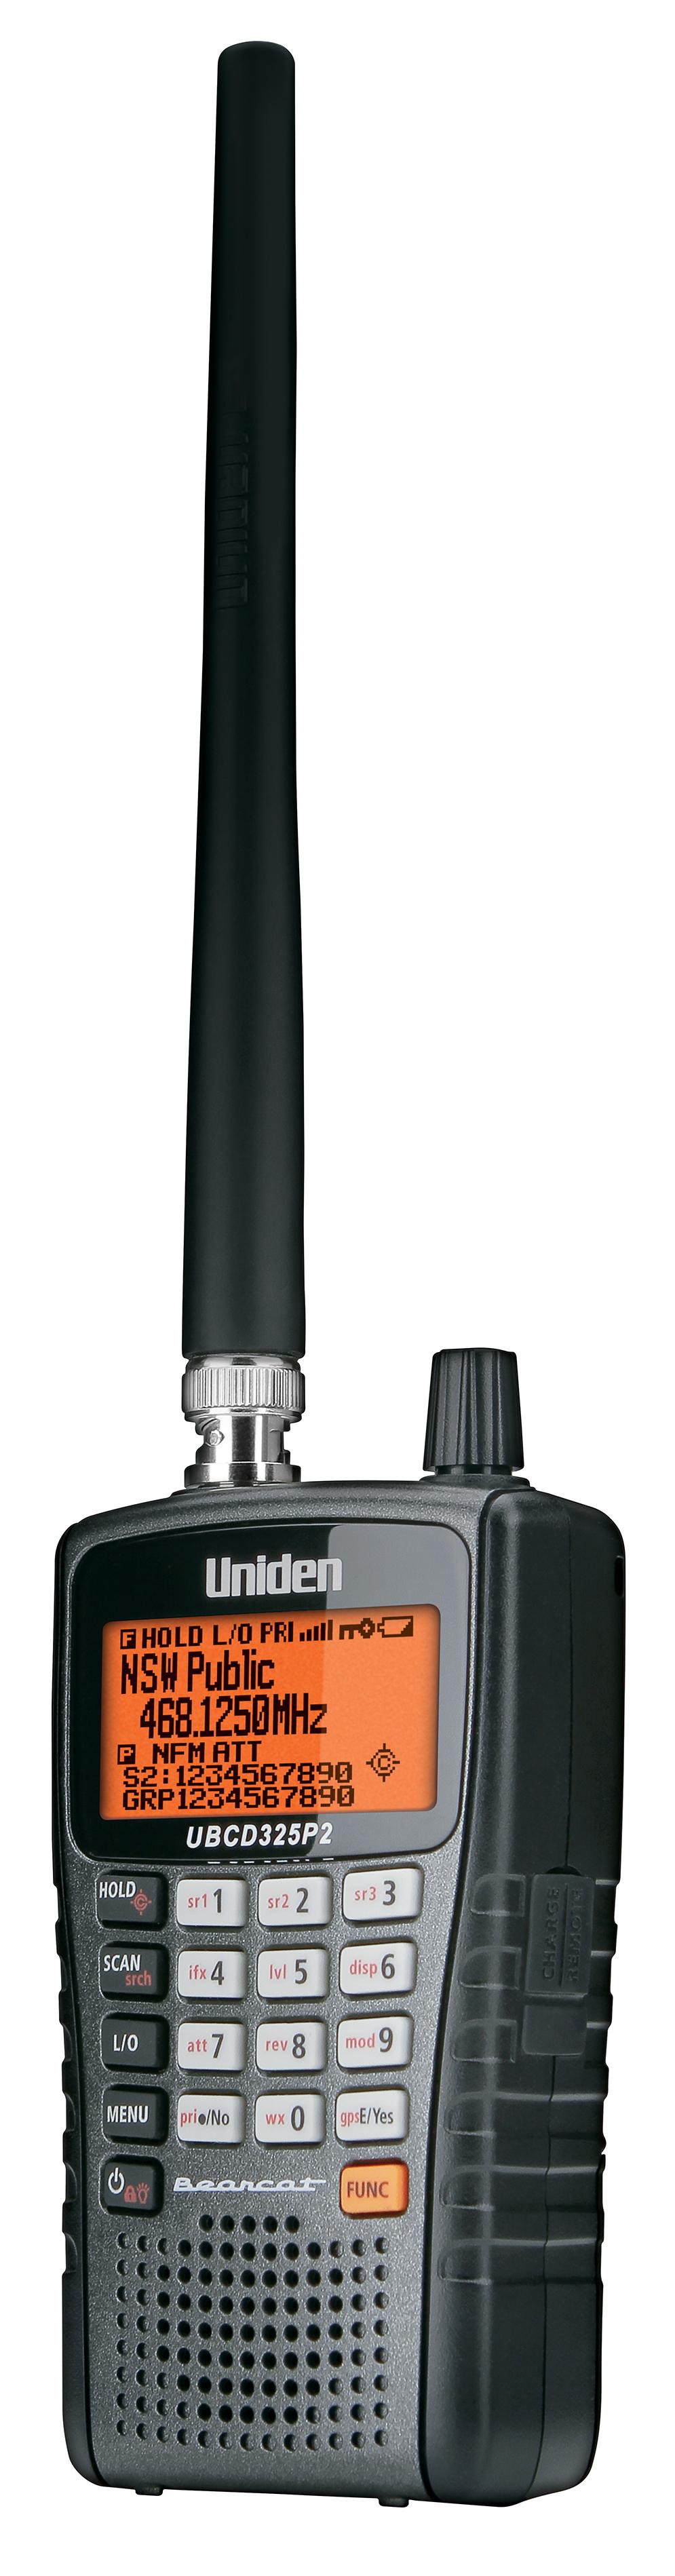 UBCD325P2